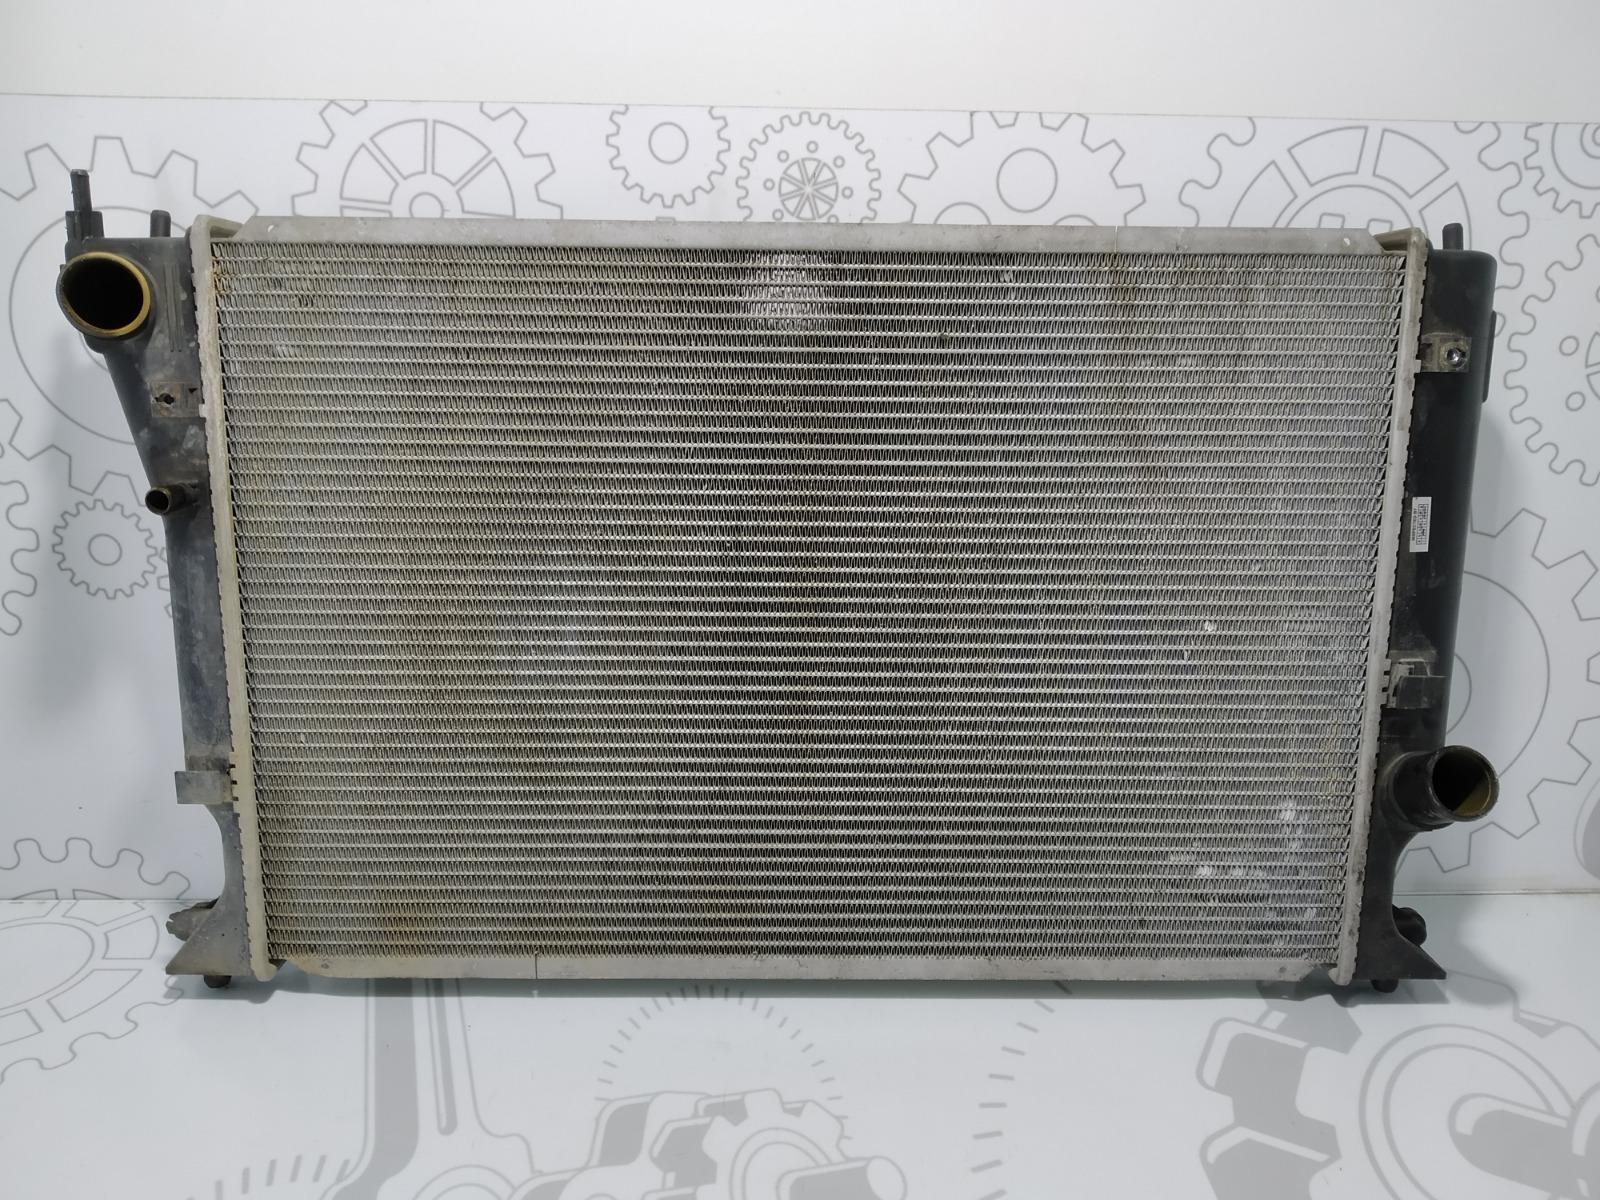 Радиатор (основной) Toyota Avensis 2.0 D-4D 2009 (б/у)